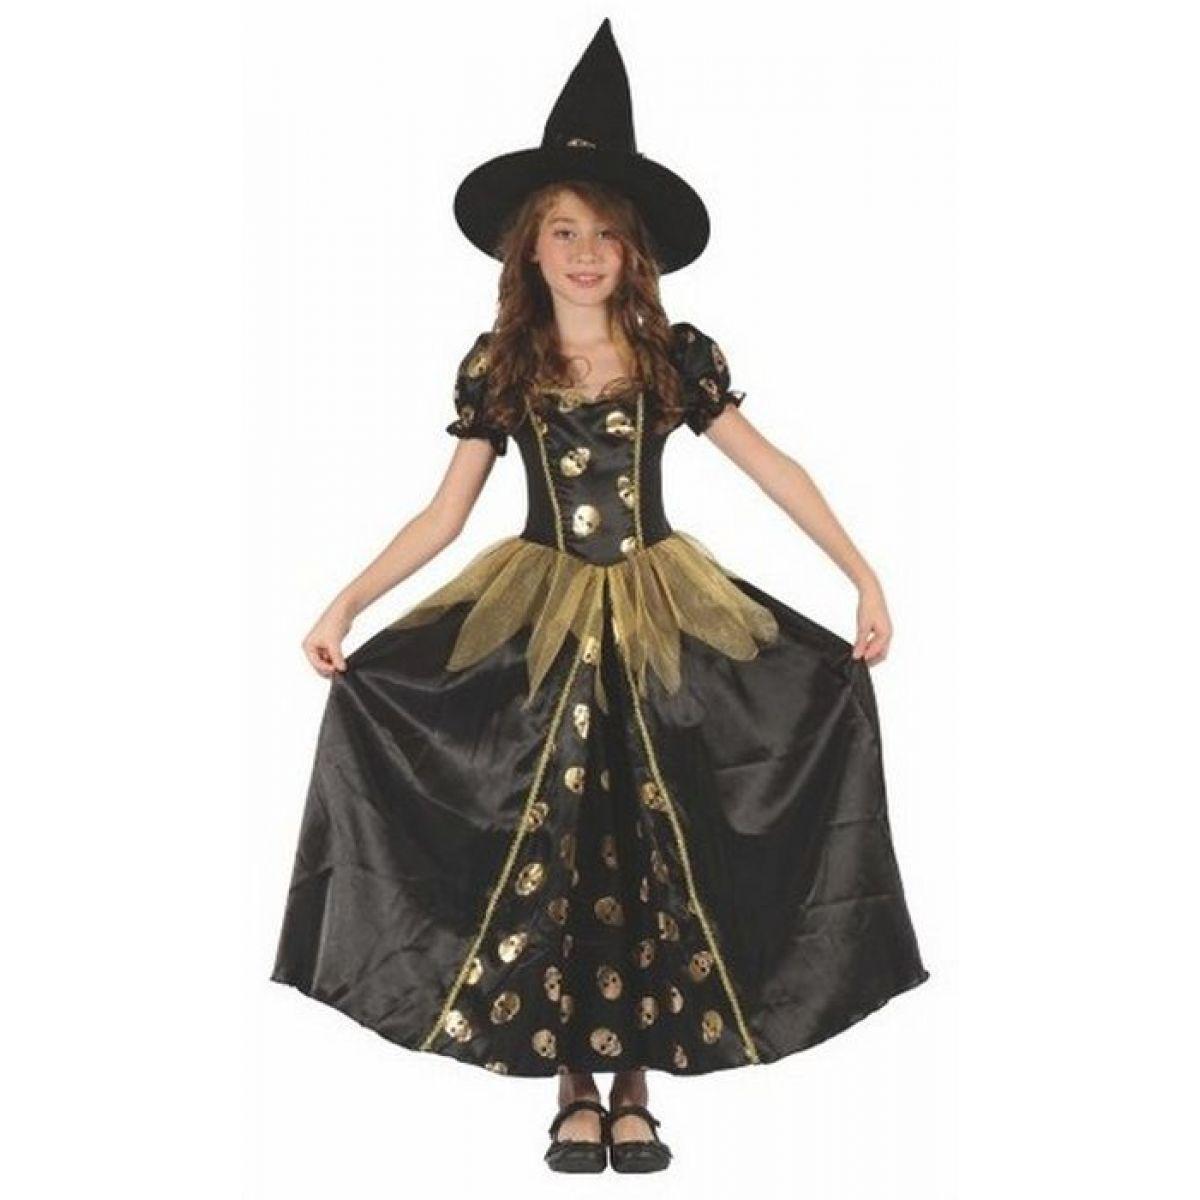 Made Dětský kostým Čarodějka lebka 120-130 cm MaDe